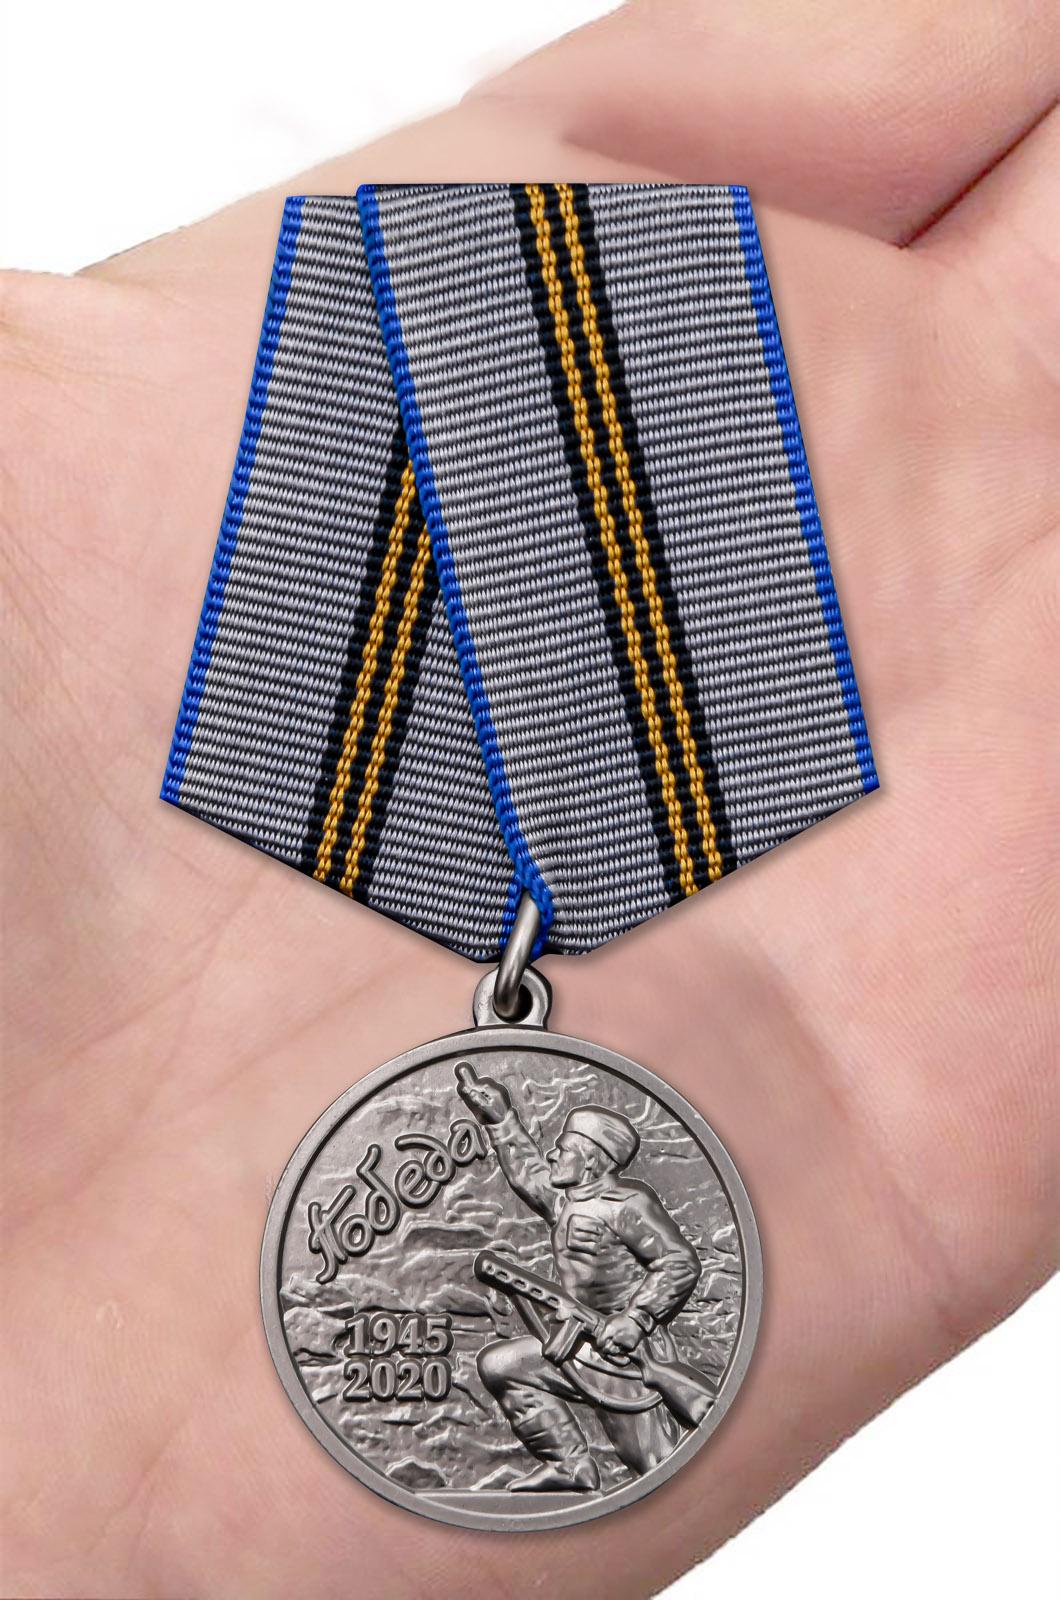 Латунная медаль 75 лет Победы в ВОВ 1941-1945 гг. - вид на ладони